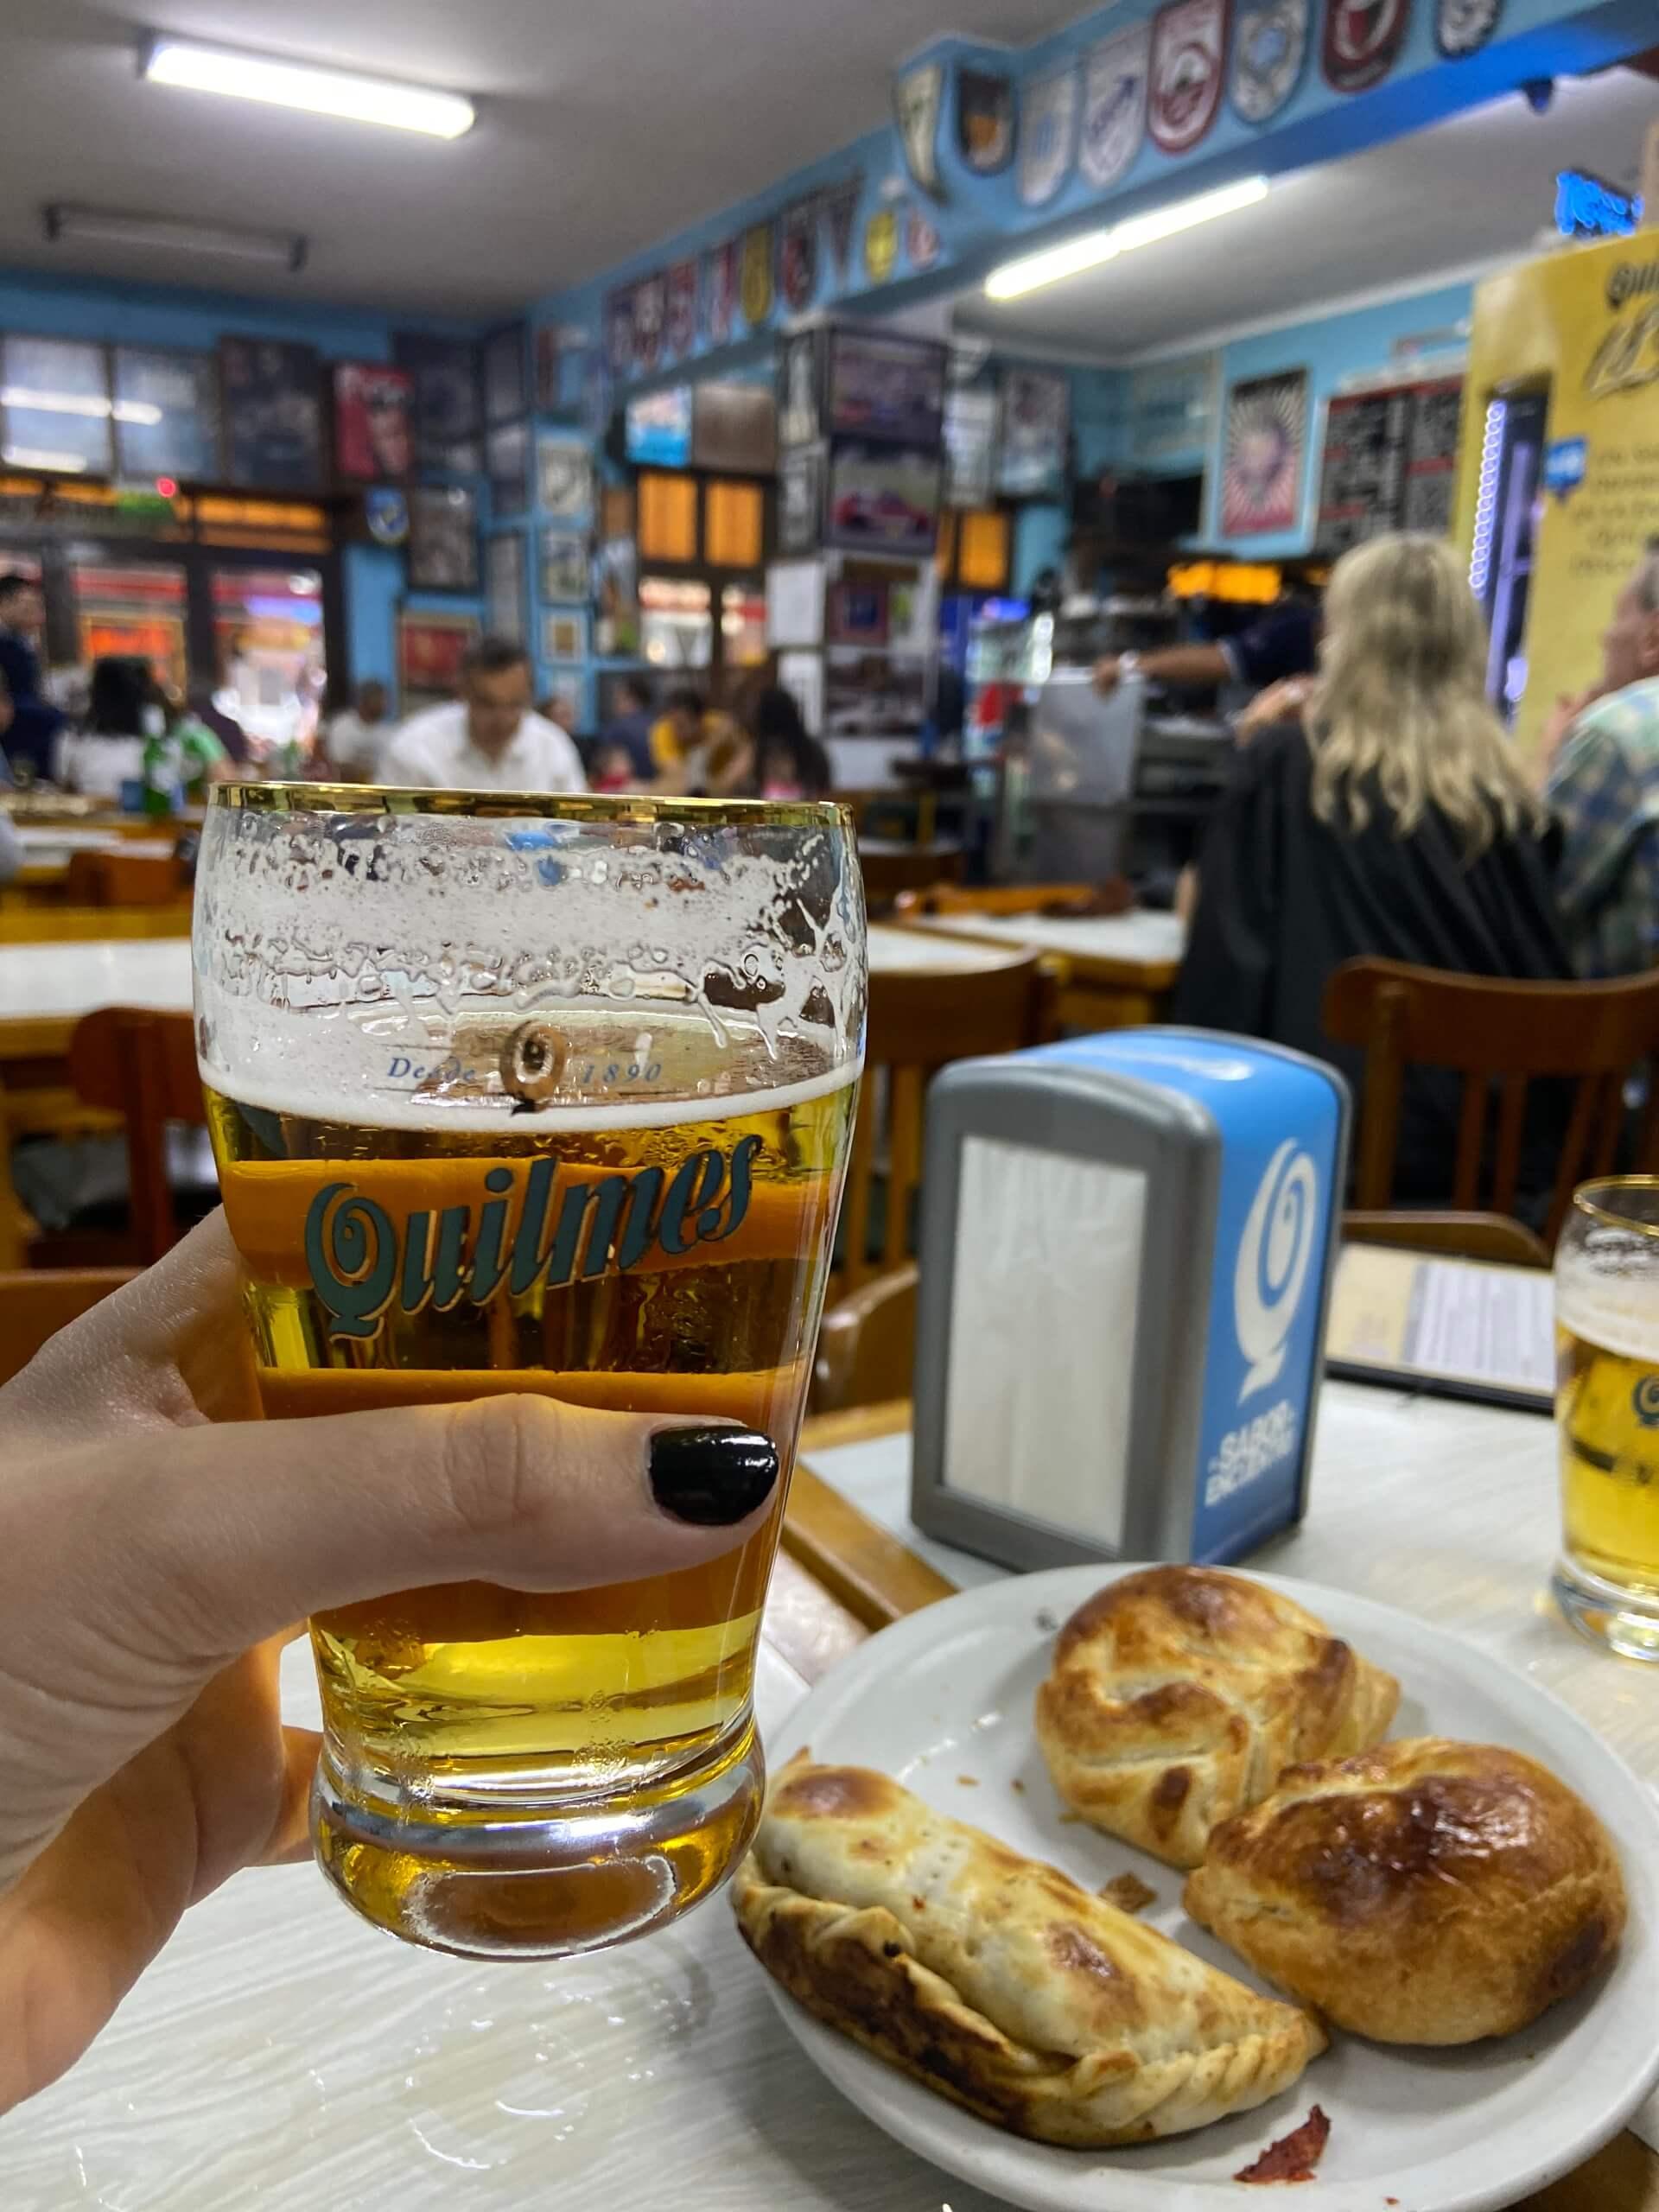 Assim como em vários lugares tradicionais da Argentina, a cerveja Quilmes é a principal cerveja do restaurante. Foto: Fabíola Cordeiro.